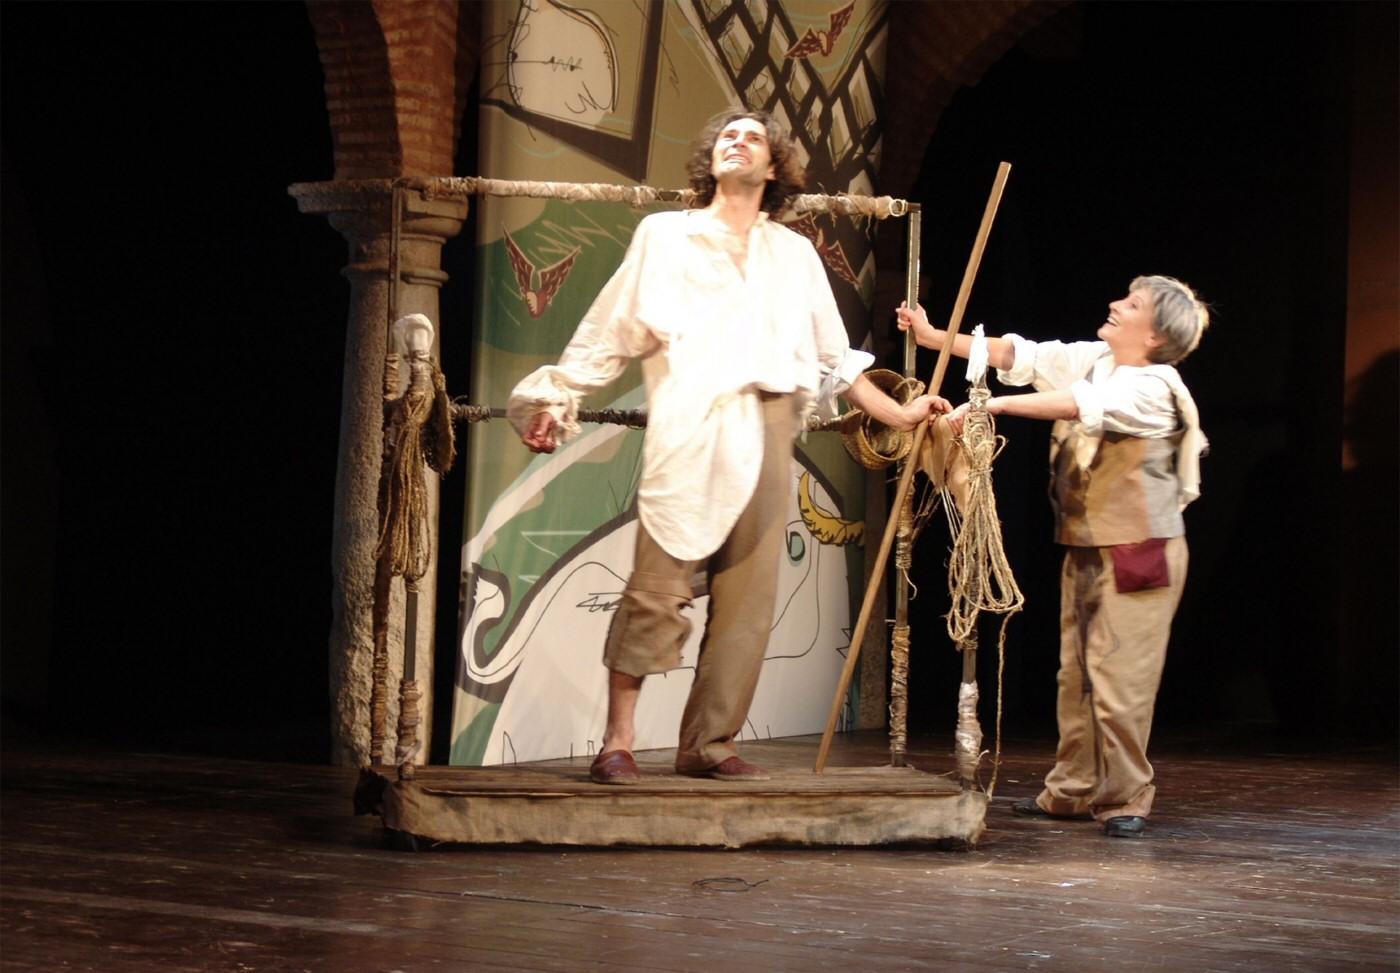 La Noche de los Quijotes (La más fingida ocasión). Festival de Almagro, 2005. Mise en scène de Liuba Cid. Israel Elejalde et Maite Brik. Photo : Liuba Cid